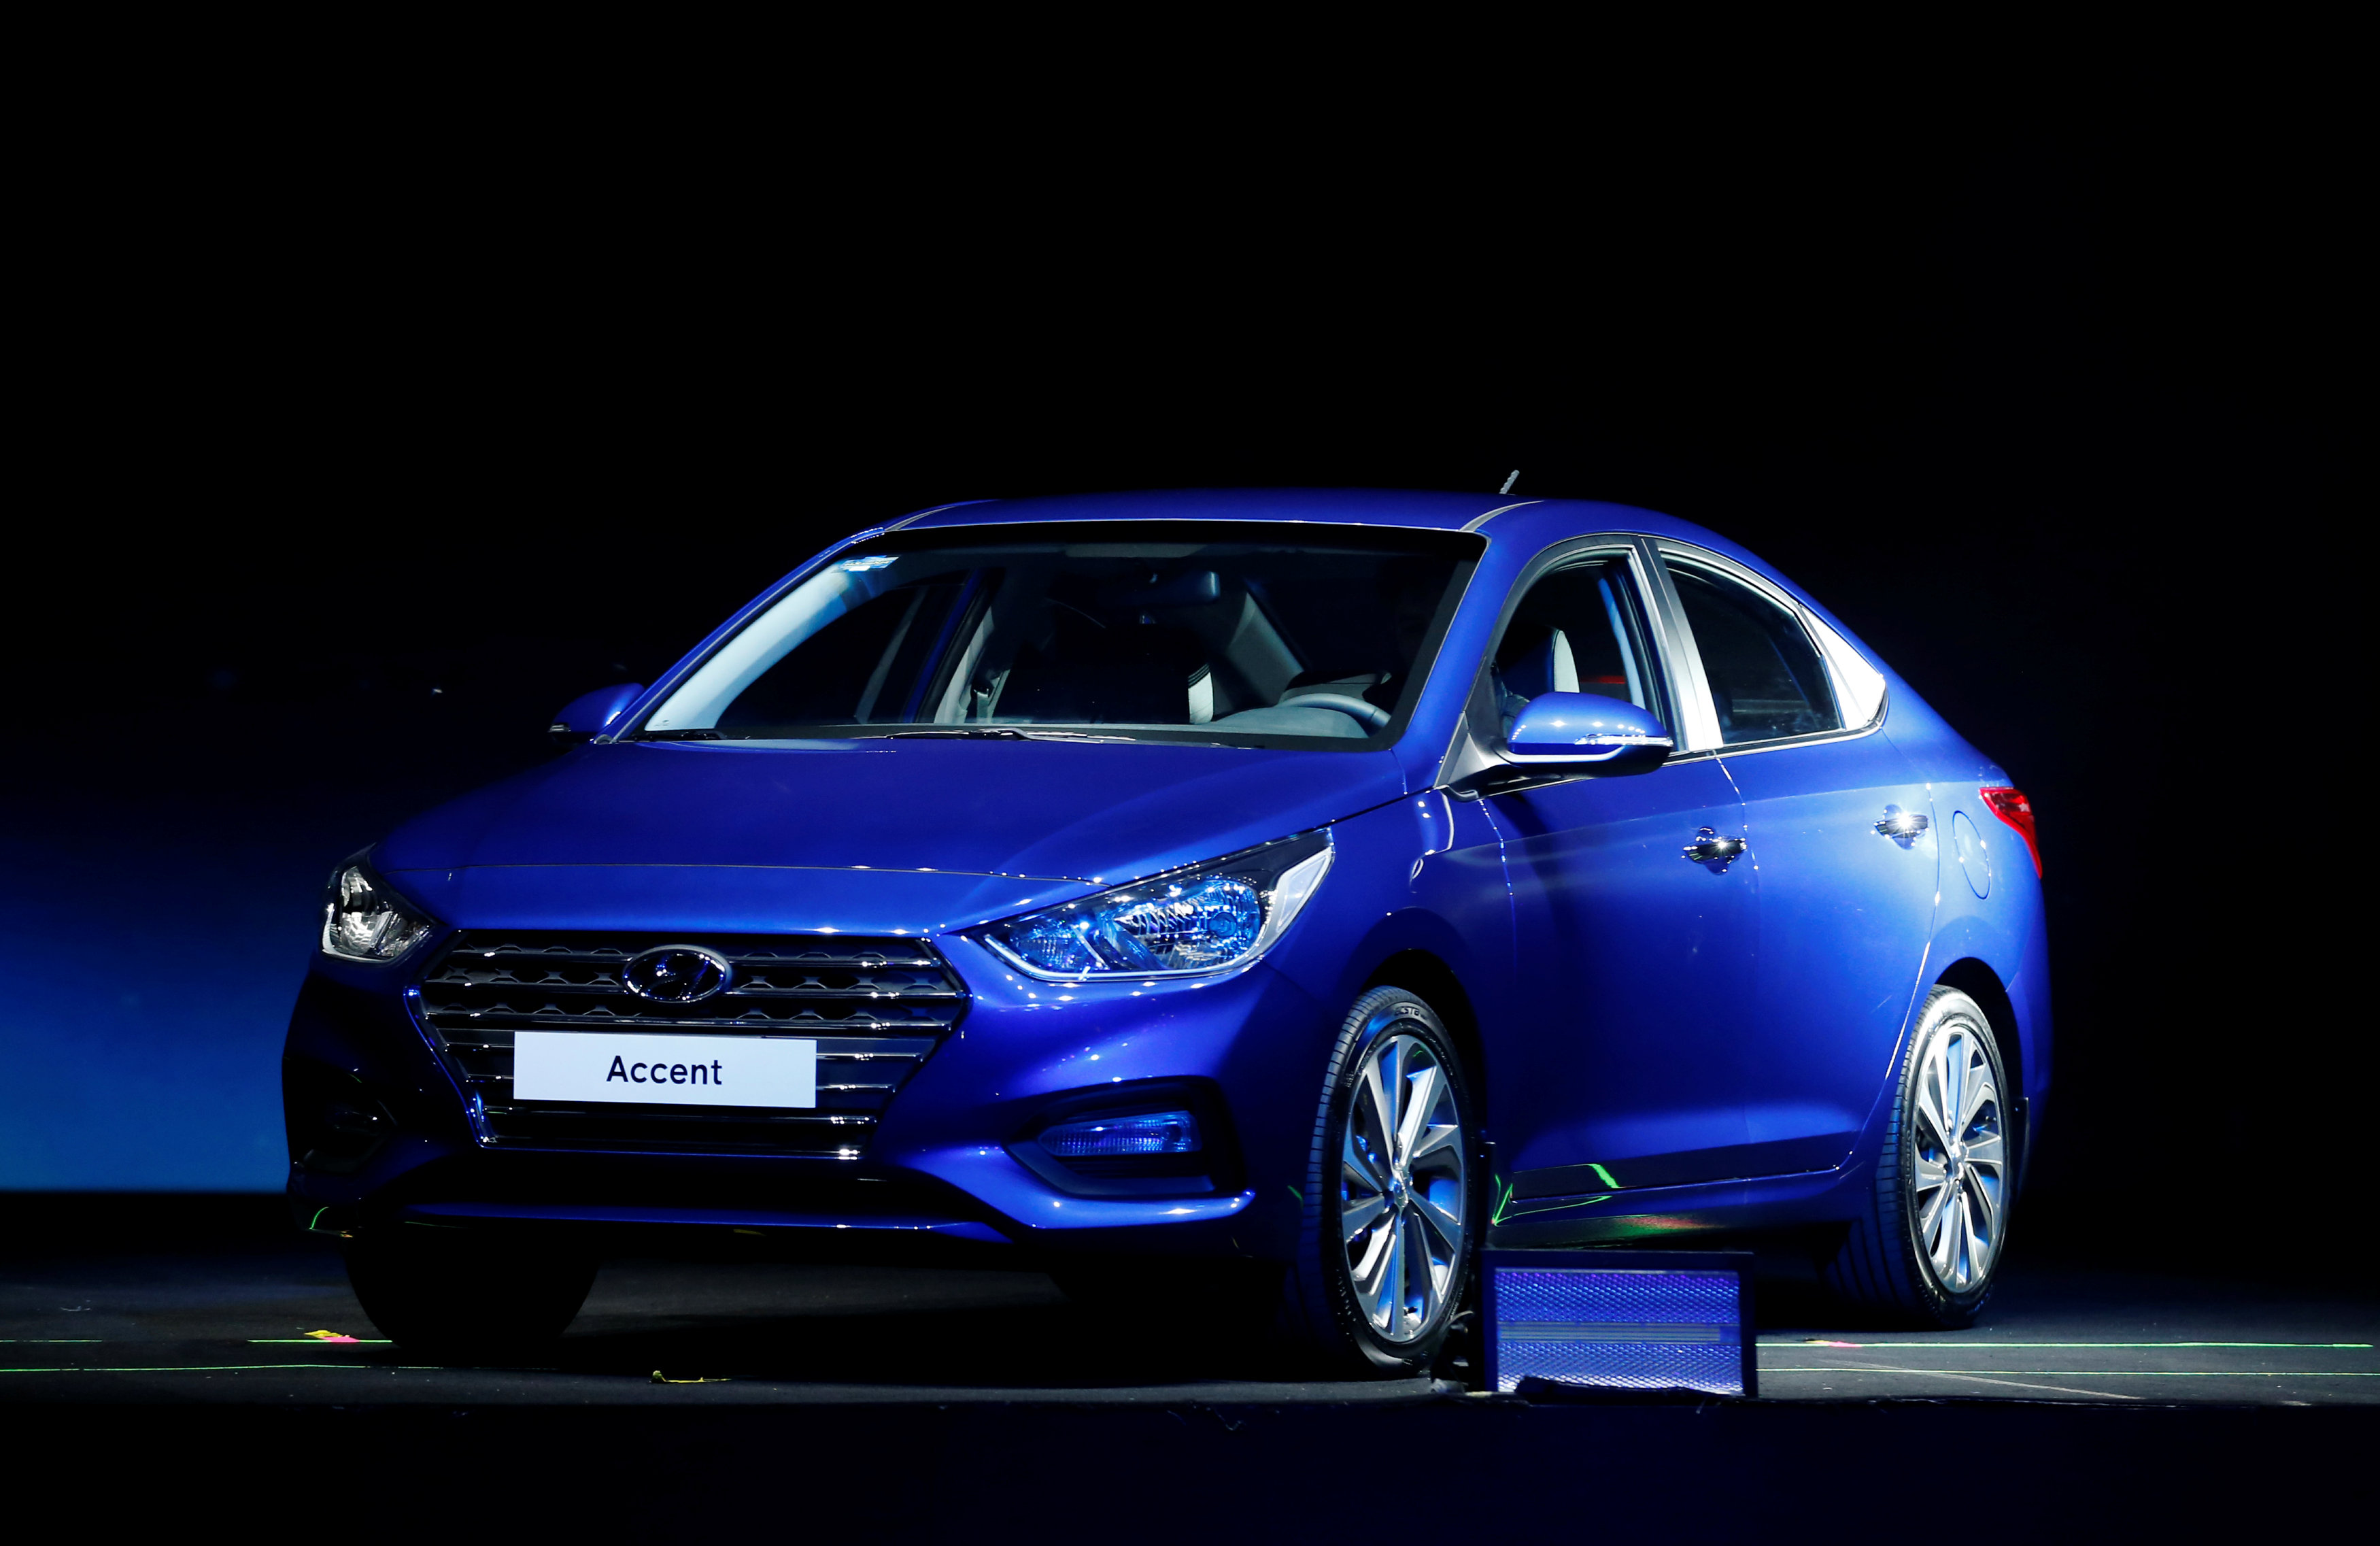 """Distributor mobil Hyundai di Rusia """"Hyundai Motor CIS"""" menerima surat perintah untuk membayar 18,2 juta rubel (sekitar 4,1 miliar rupiah) berdasarkan keputusan majelis arbitrase."""